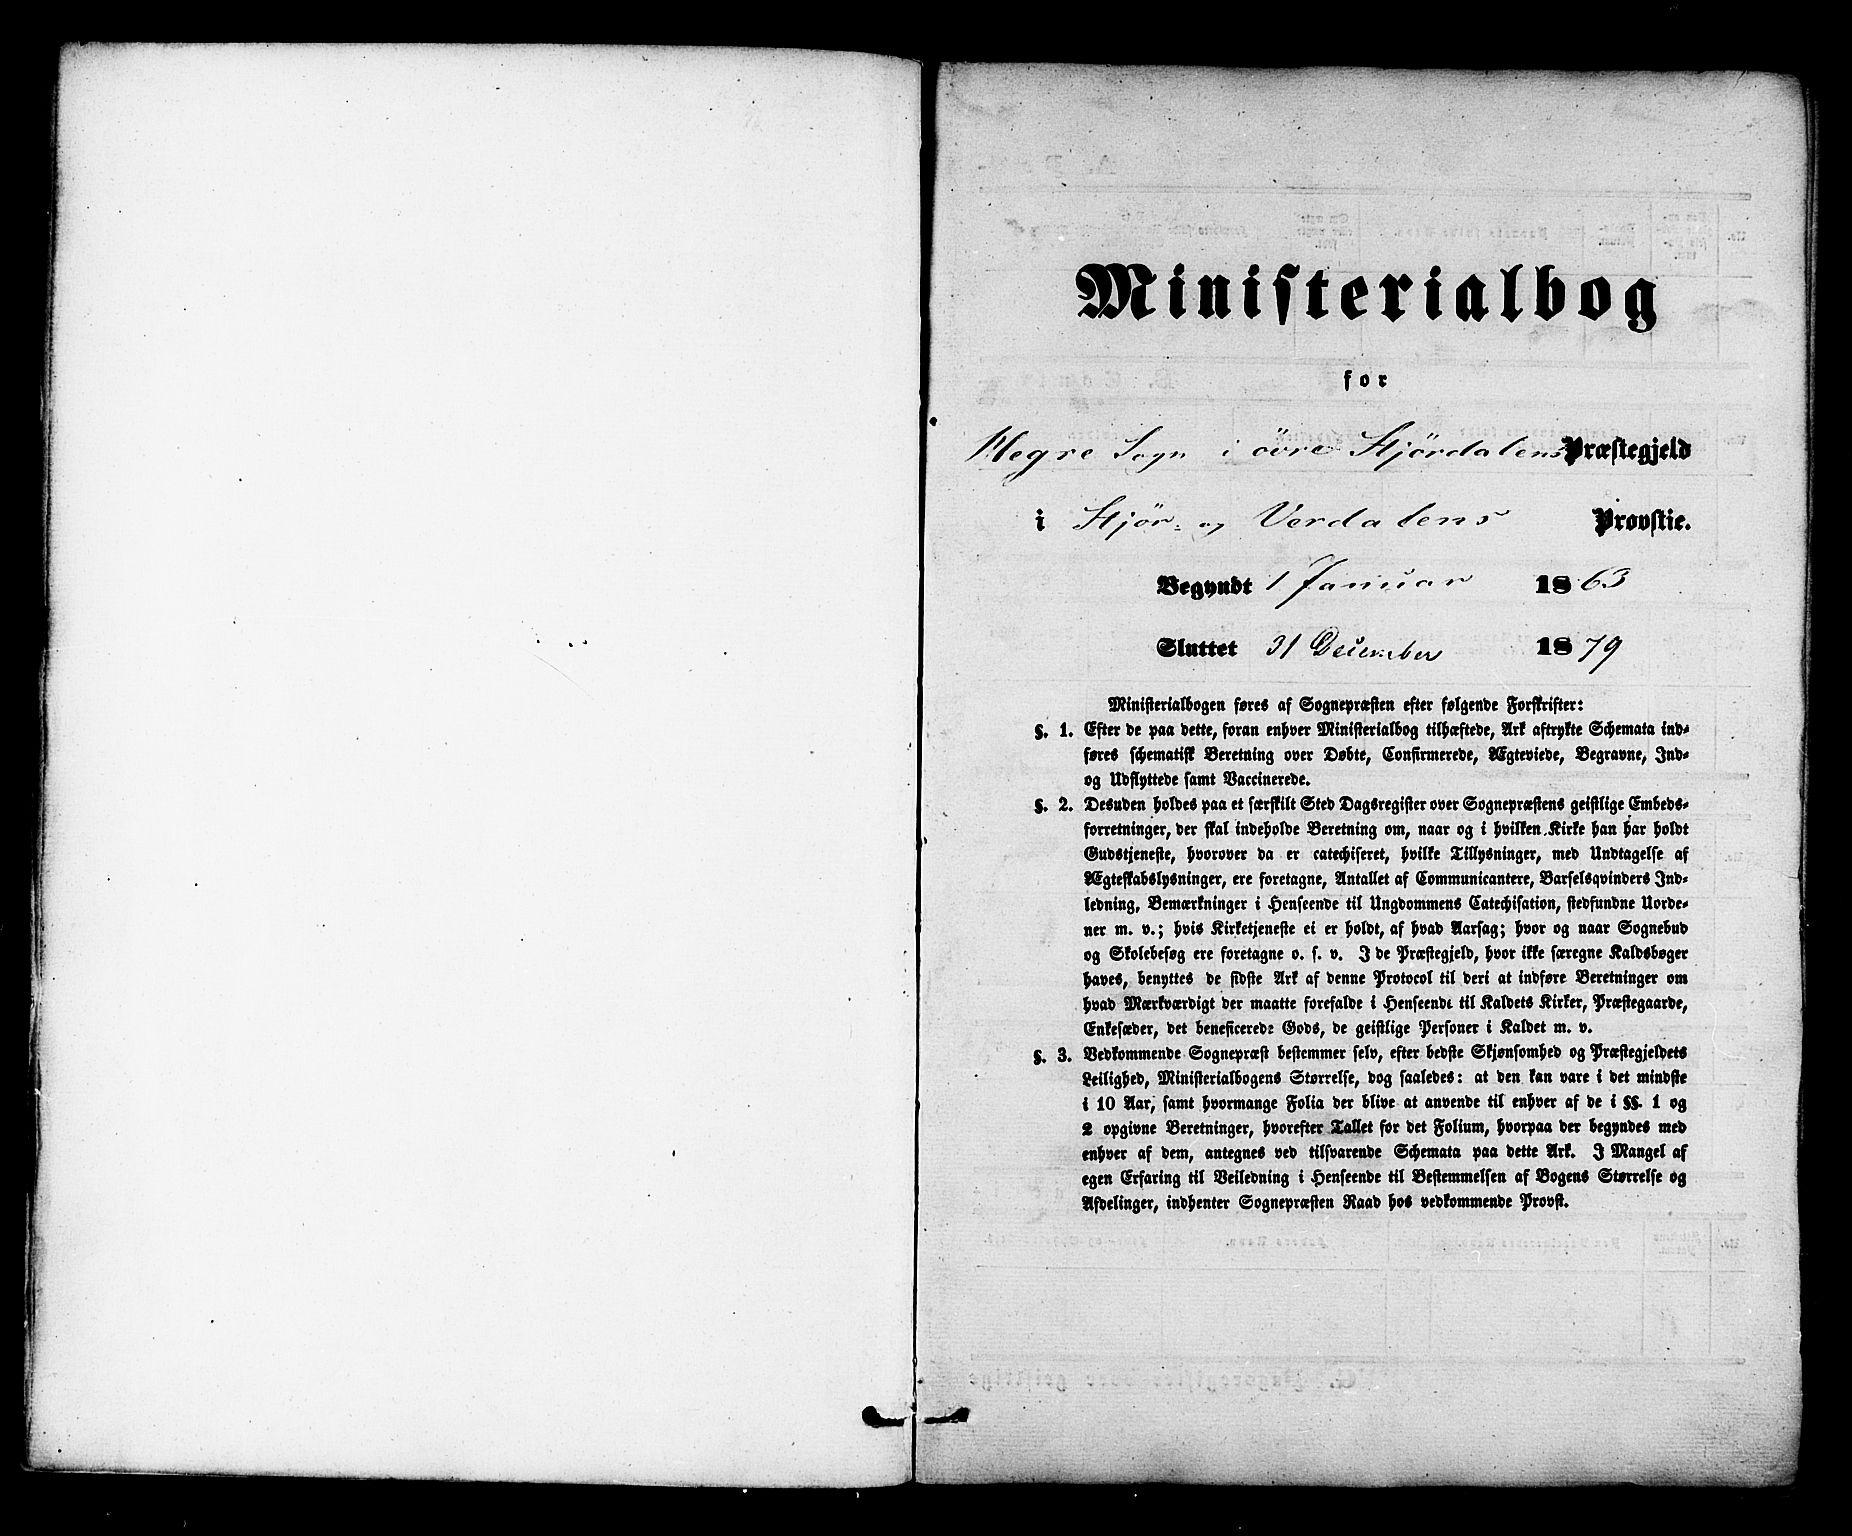 SAT, Ministerialprotokoller, klokkerbøker og fødselsregistre - Nord-Trøndelag, 703/L0029: Parish register (official) no. 703A02, 1863-1879